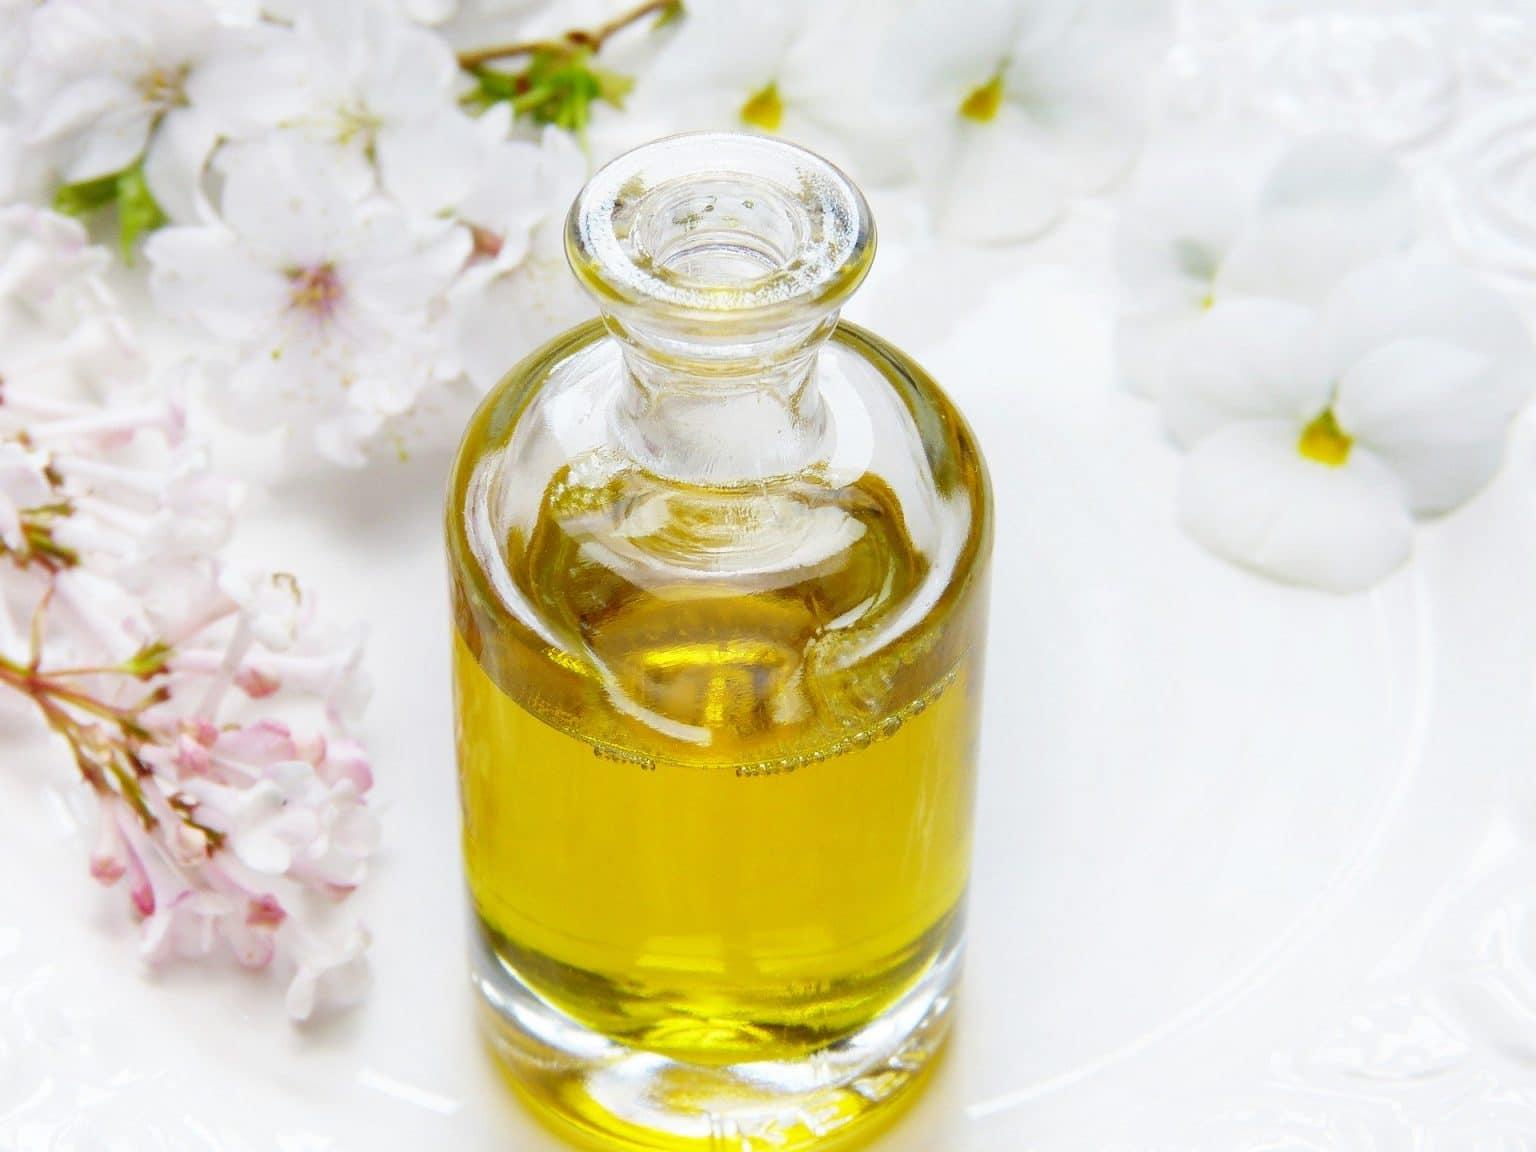 gelbliches Duftöl in Flasche mit weißen Blumen